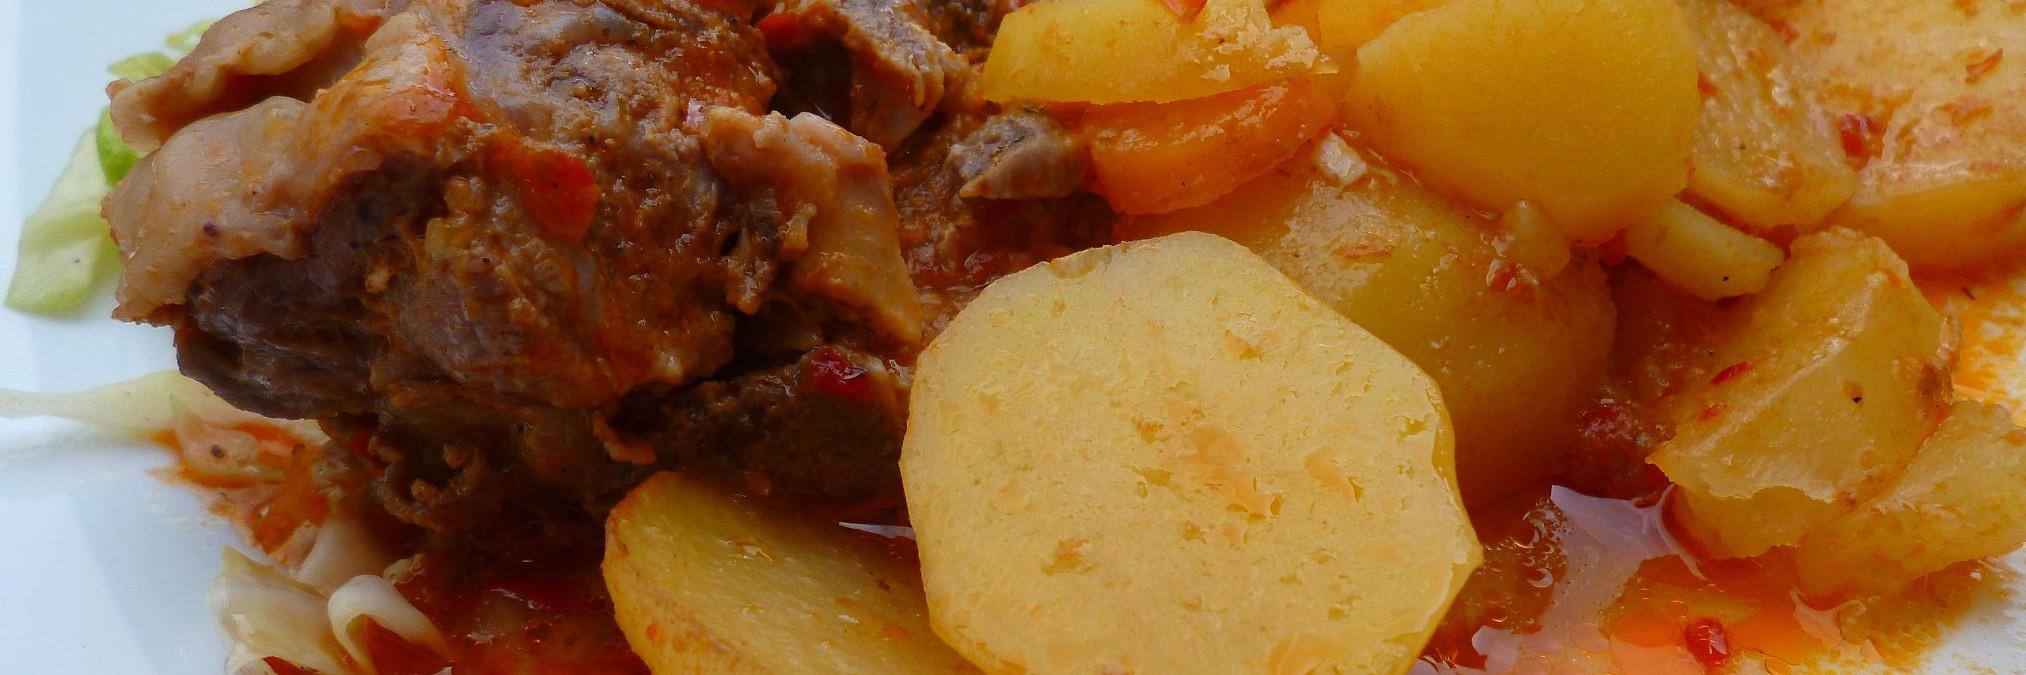 Сач (блюдо балканской кухни)